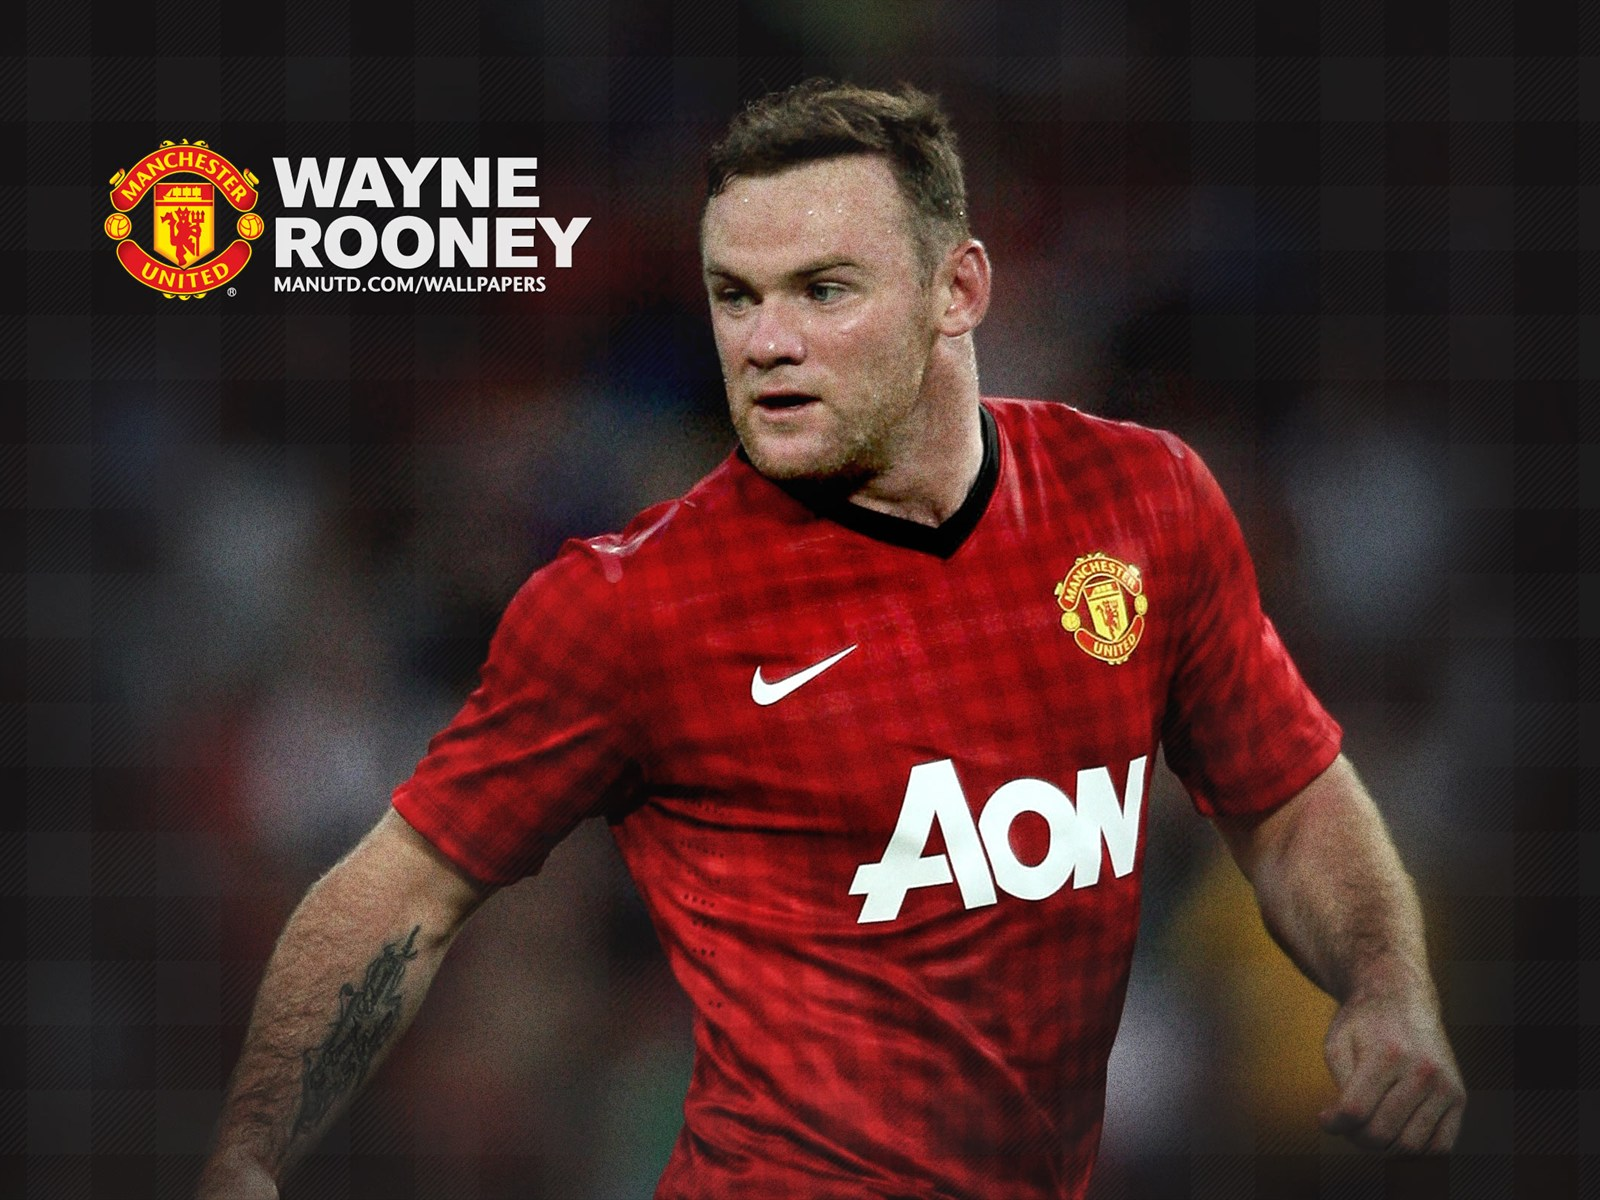 Wayne Roony